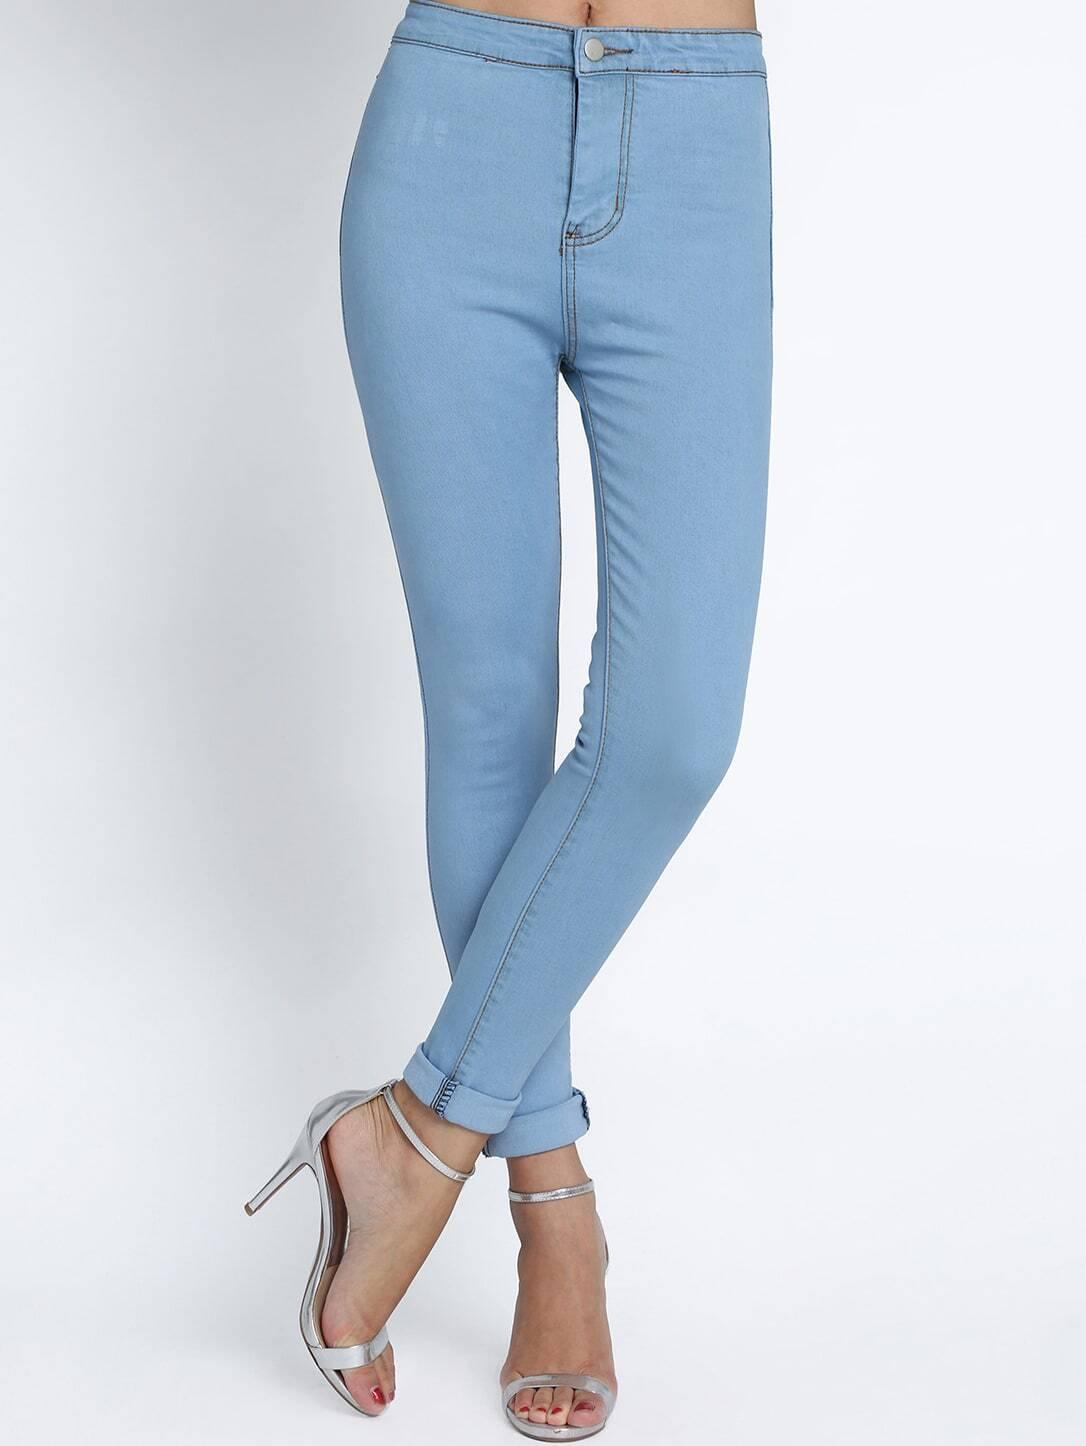 pantalon taille haute en denim amincissant bleu clair. Black Bedroom Furniture Sets. Home Design Ideas